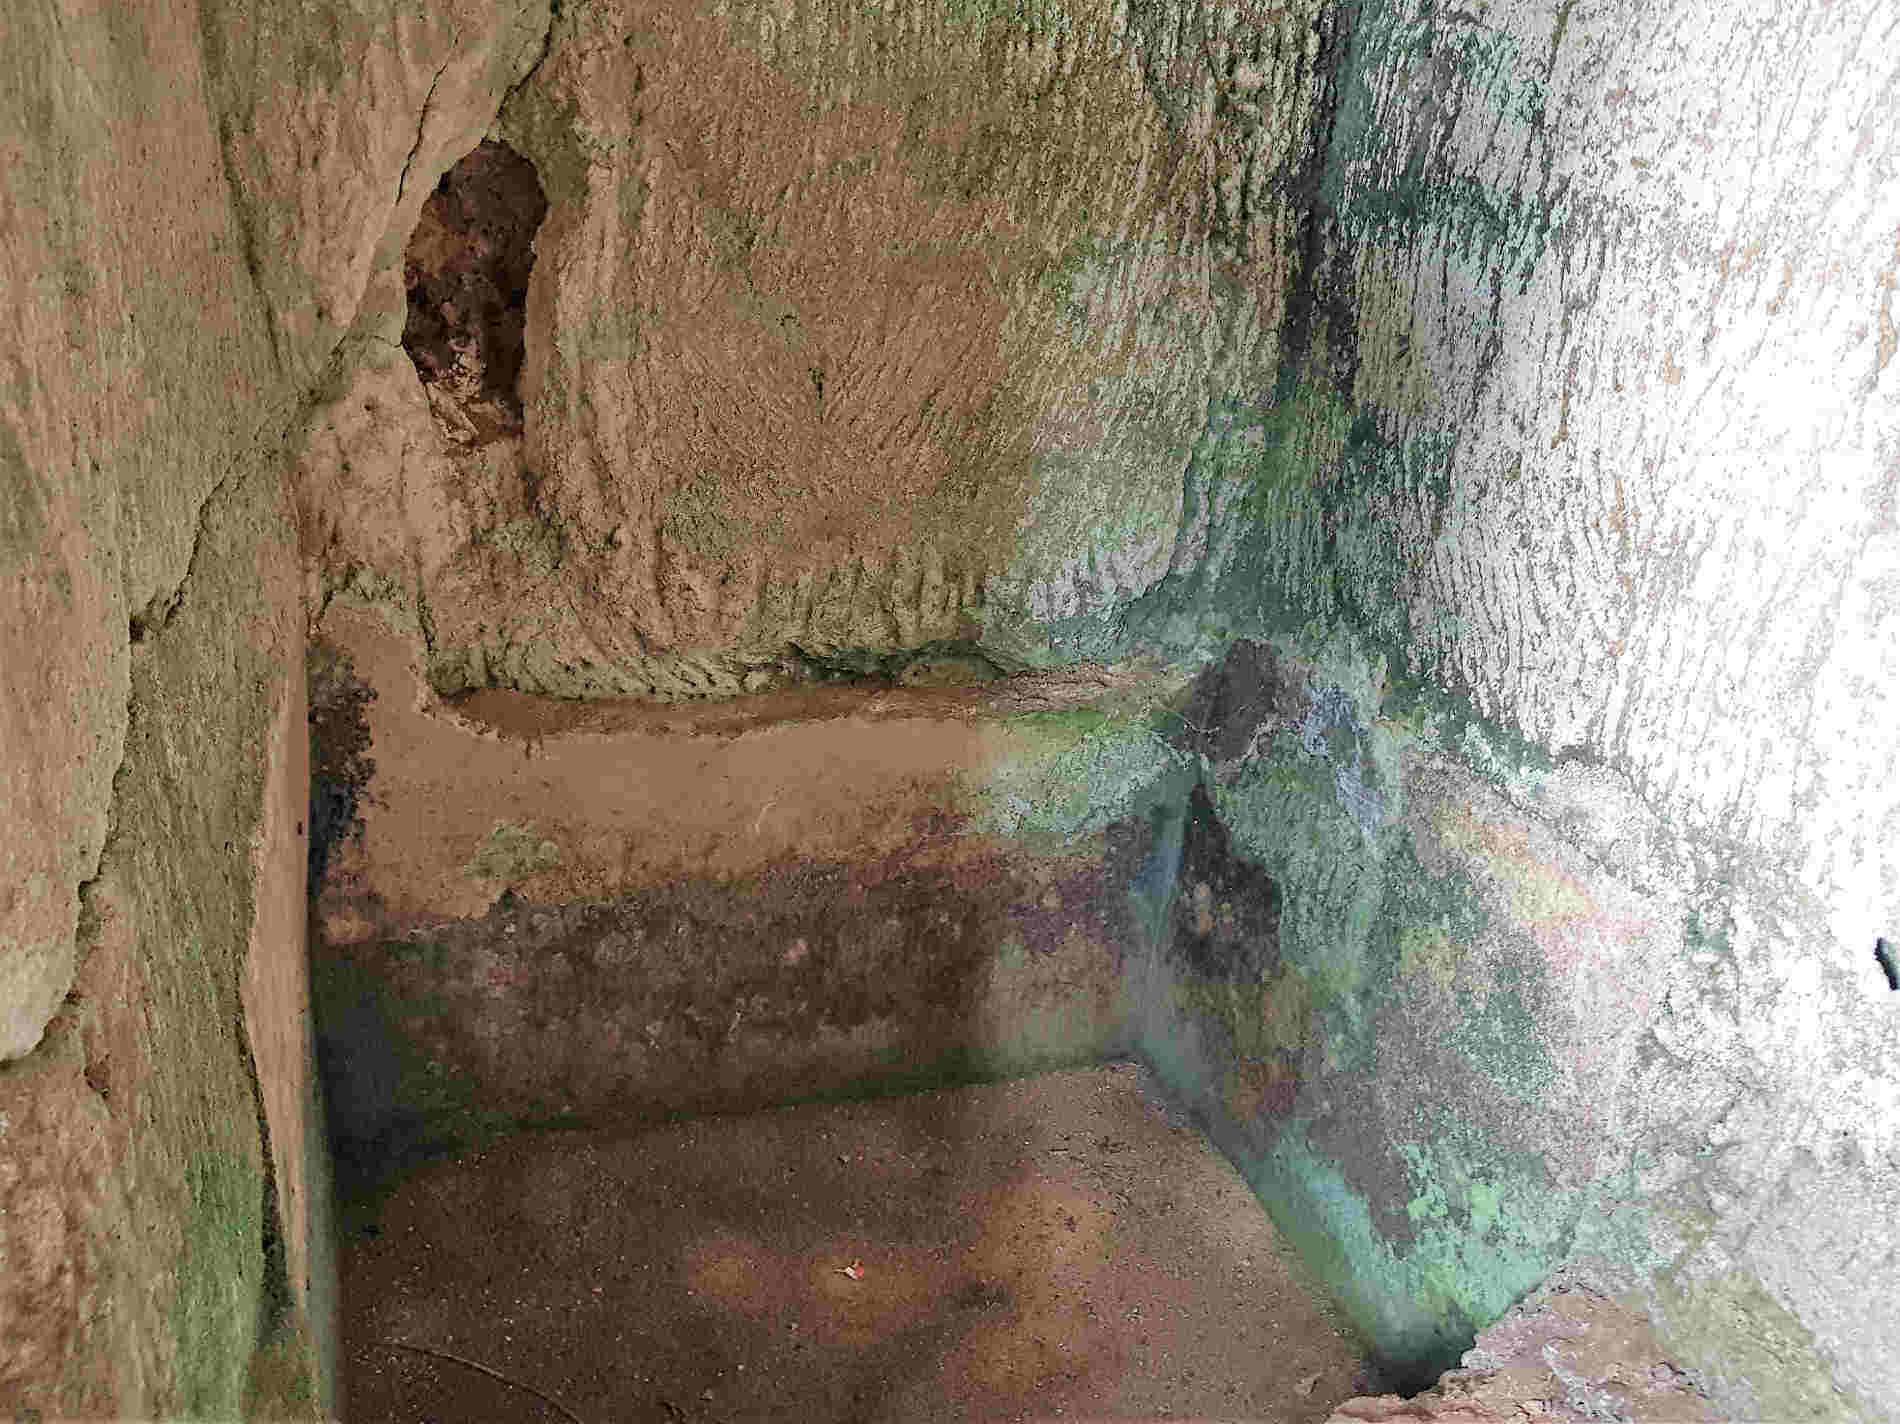 Un Palmento nel sito rupestre di Zungri